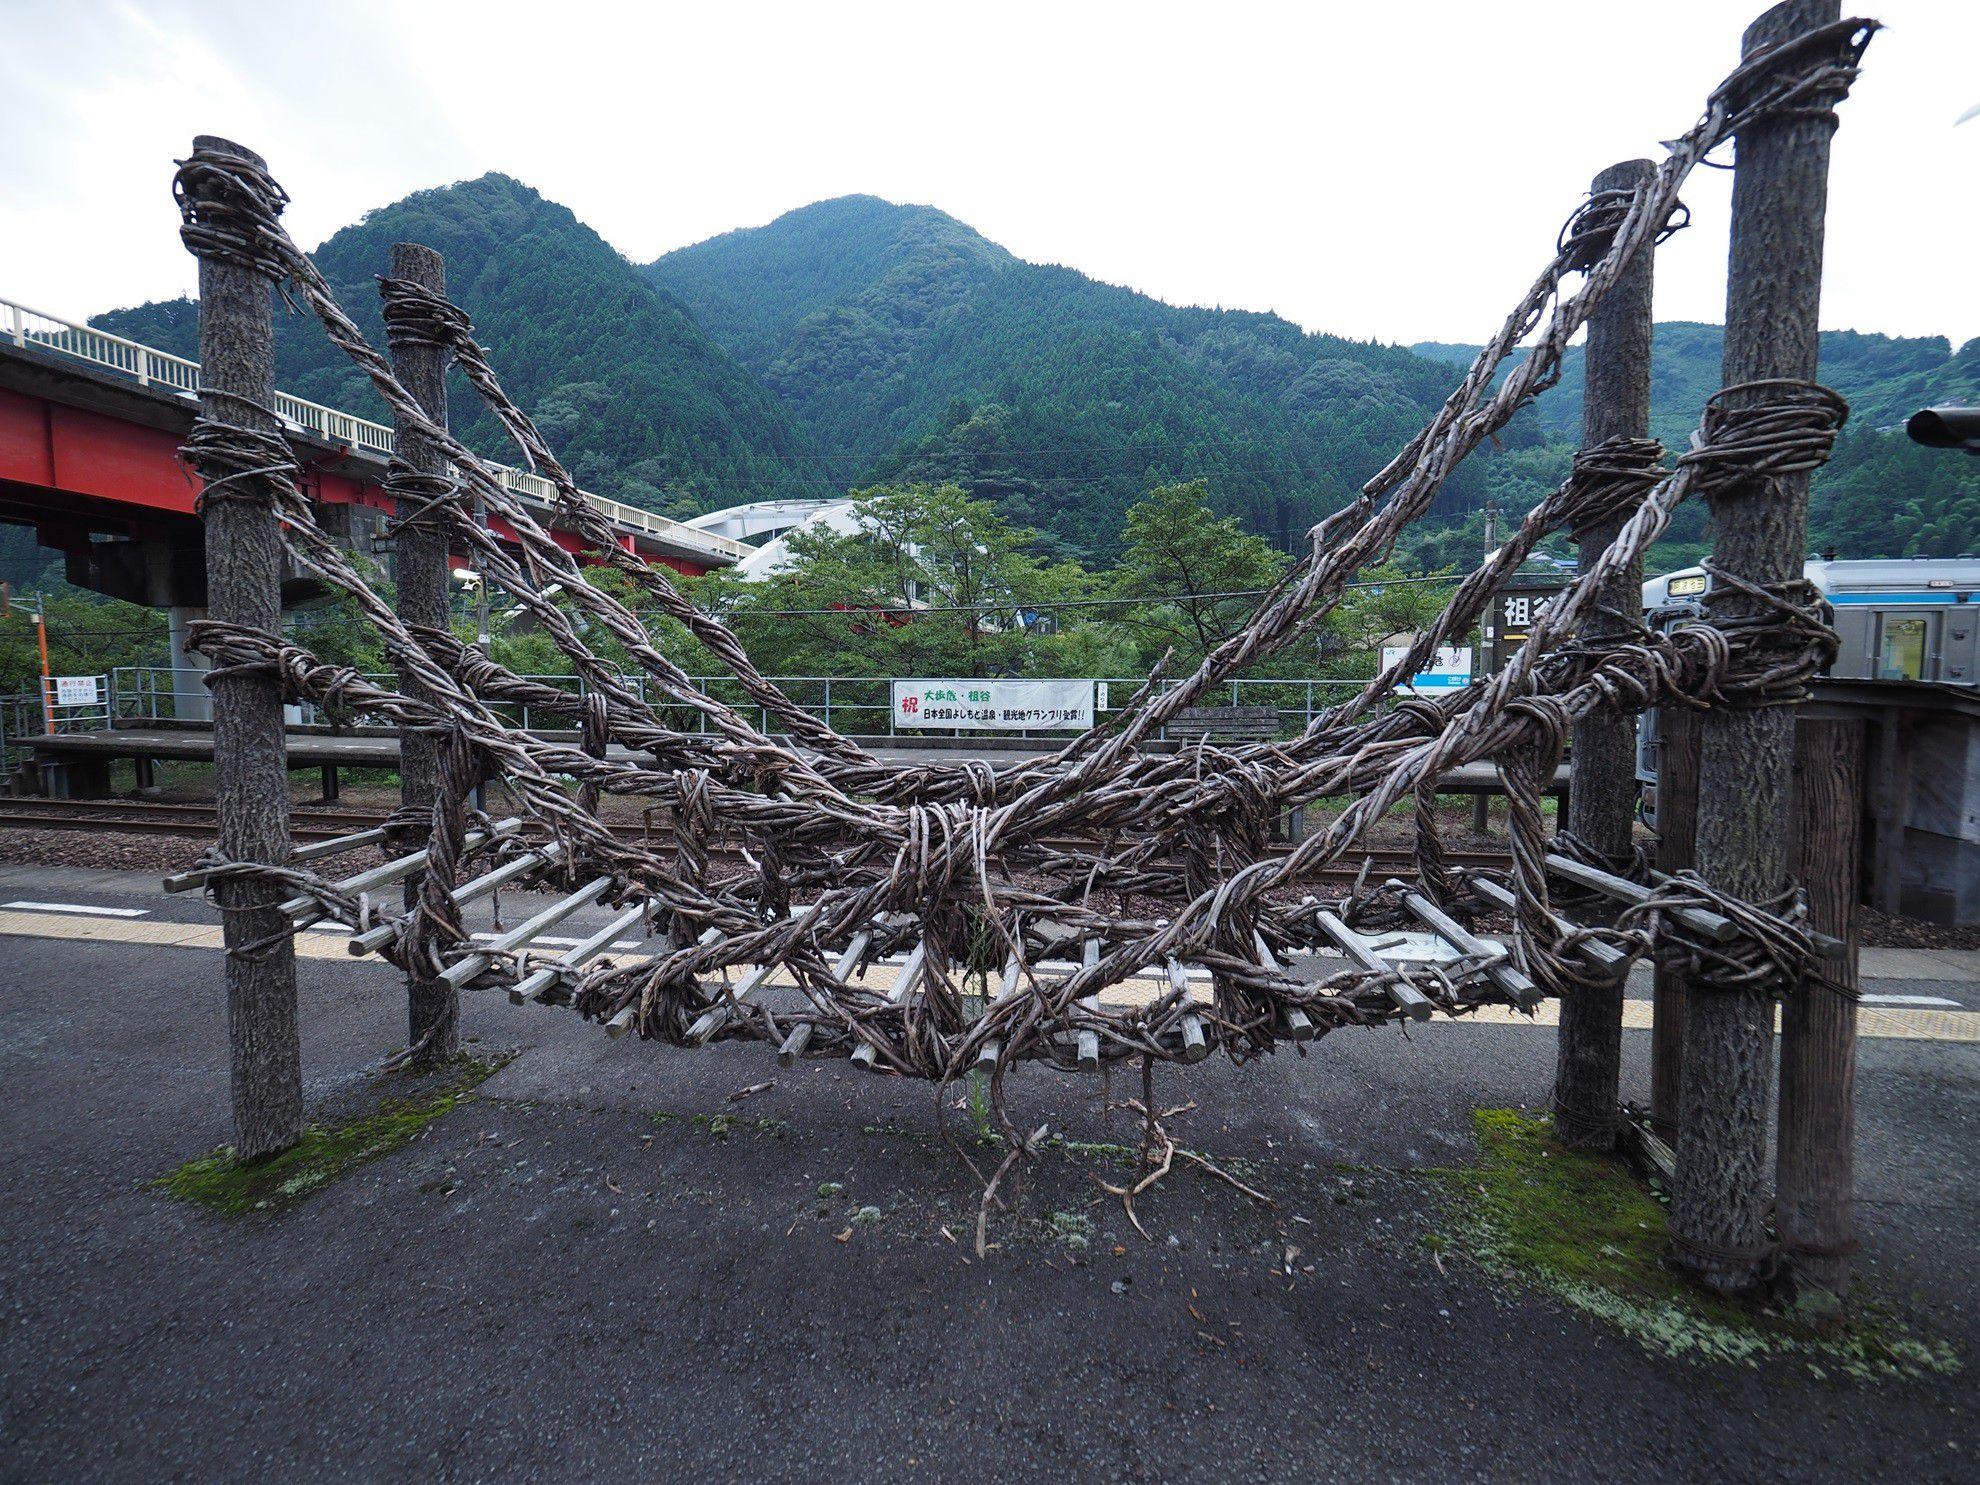 新幹線・特急列車「南風」で新神戸から岡山~高知の鉄道旅へ!